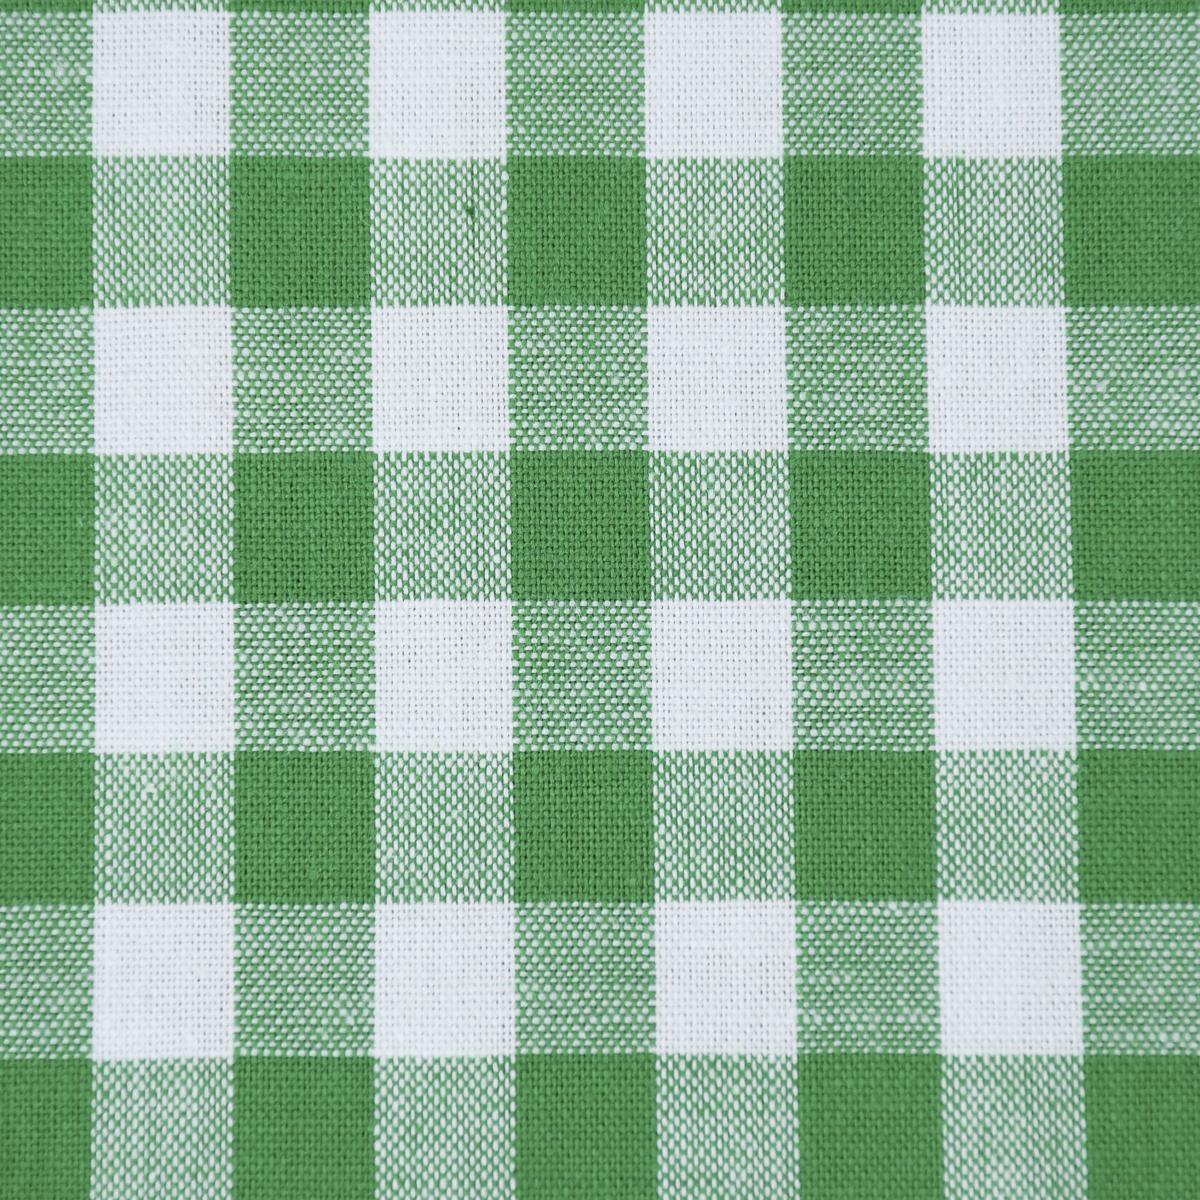 Baumwollstoff kariert weiß grün 9mm